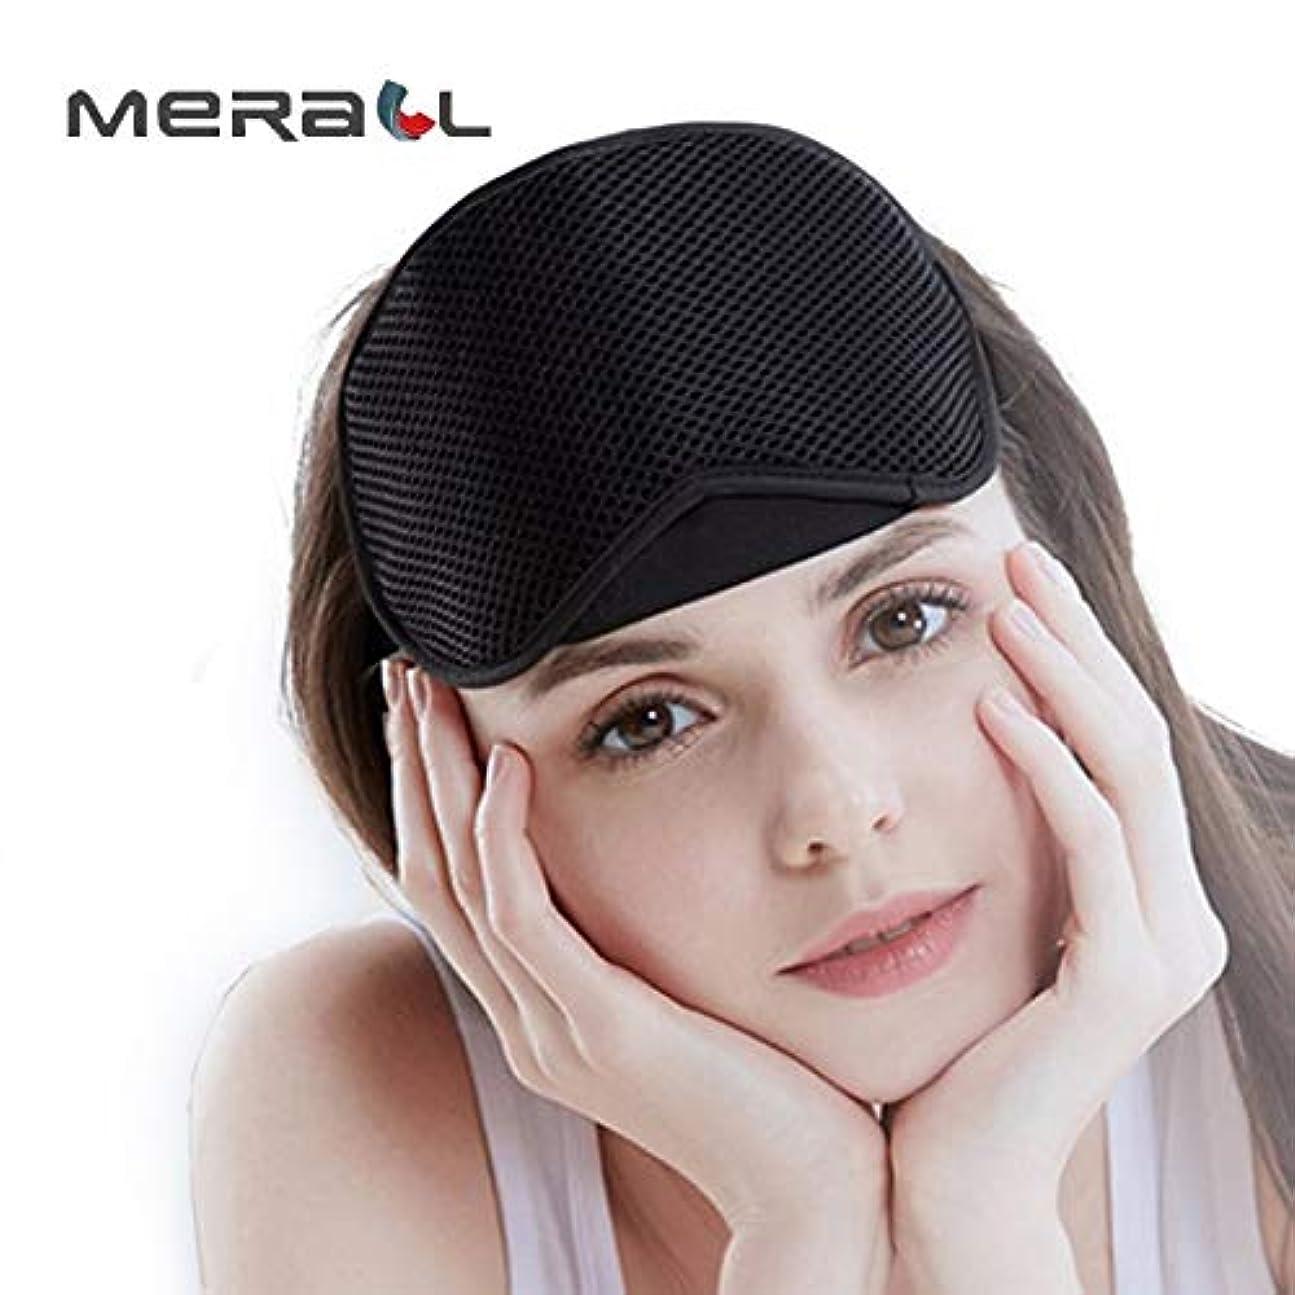 変な前任者太い注ドロップシッピング竹炭目睡眠用目の上のマスク包帯旅行休憩目隠しアイパッチ通気性調節可能